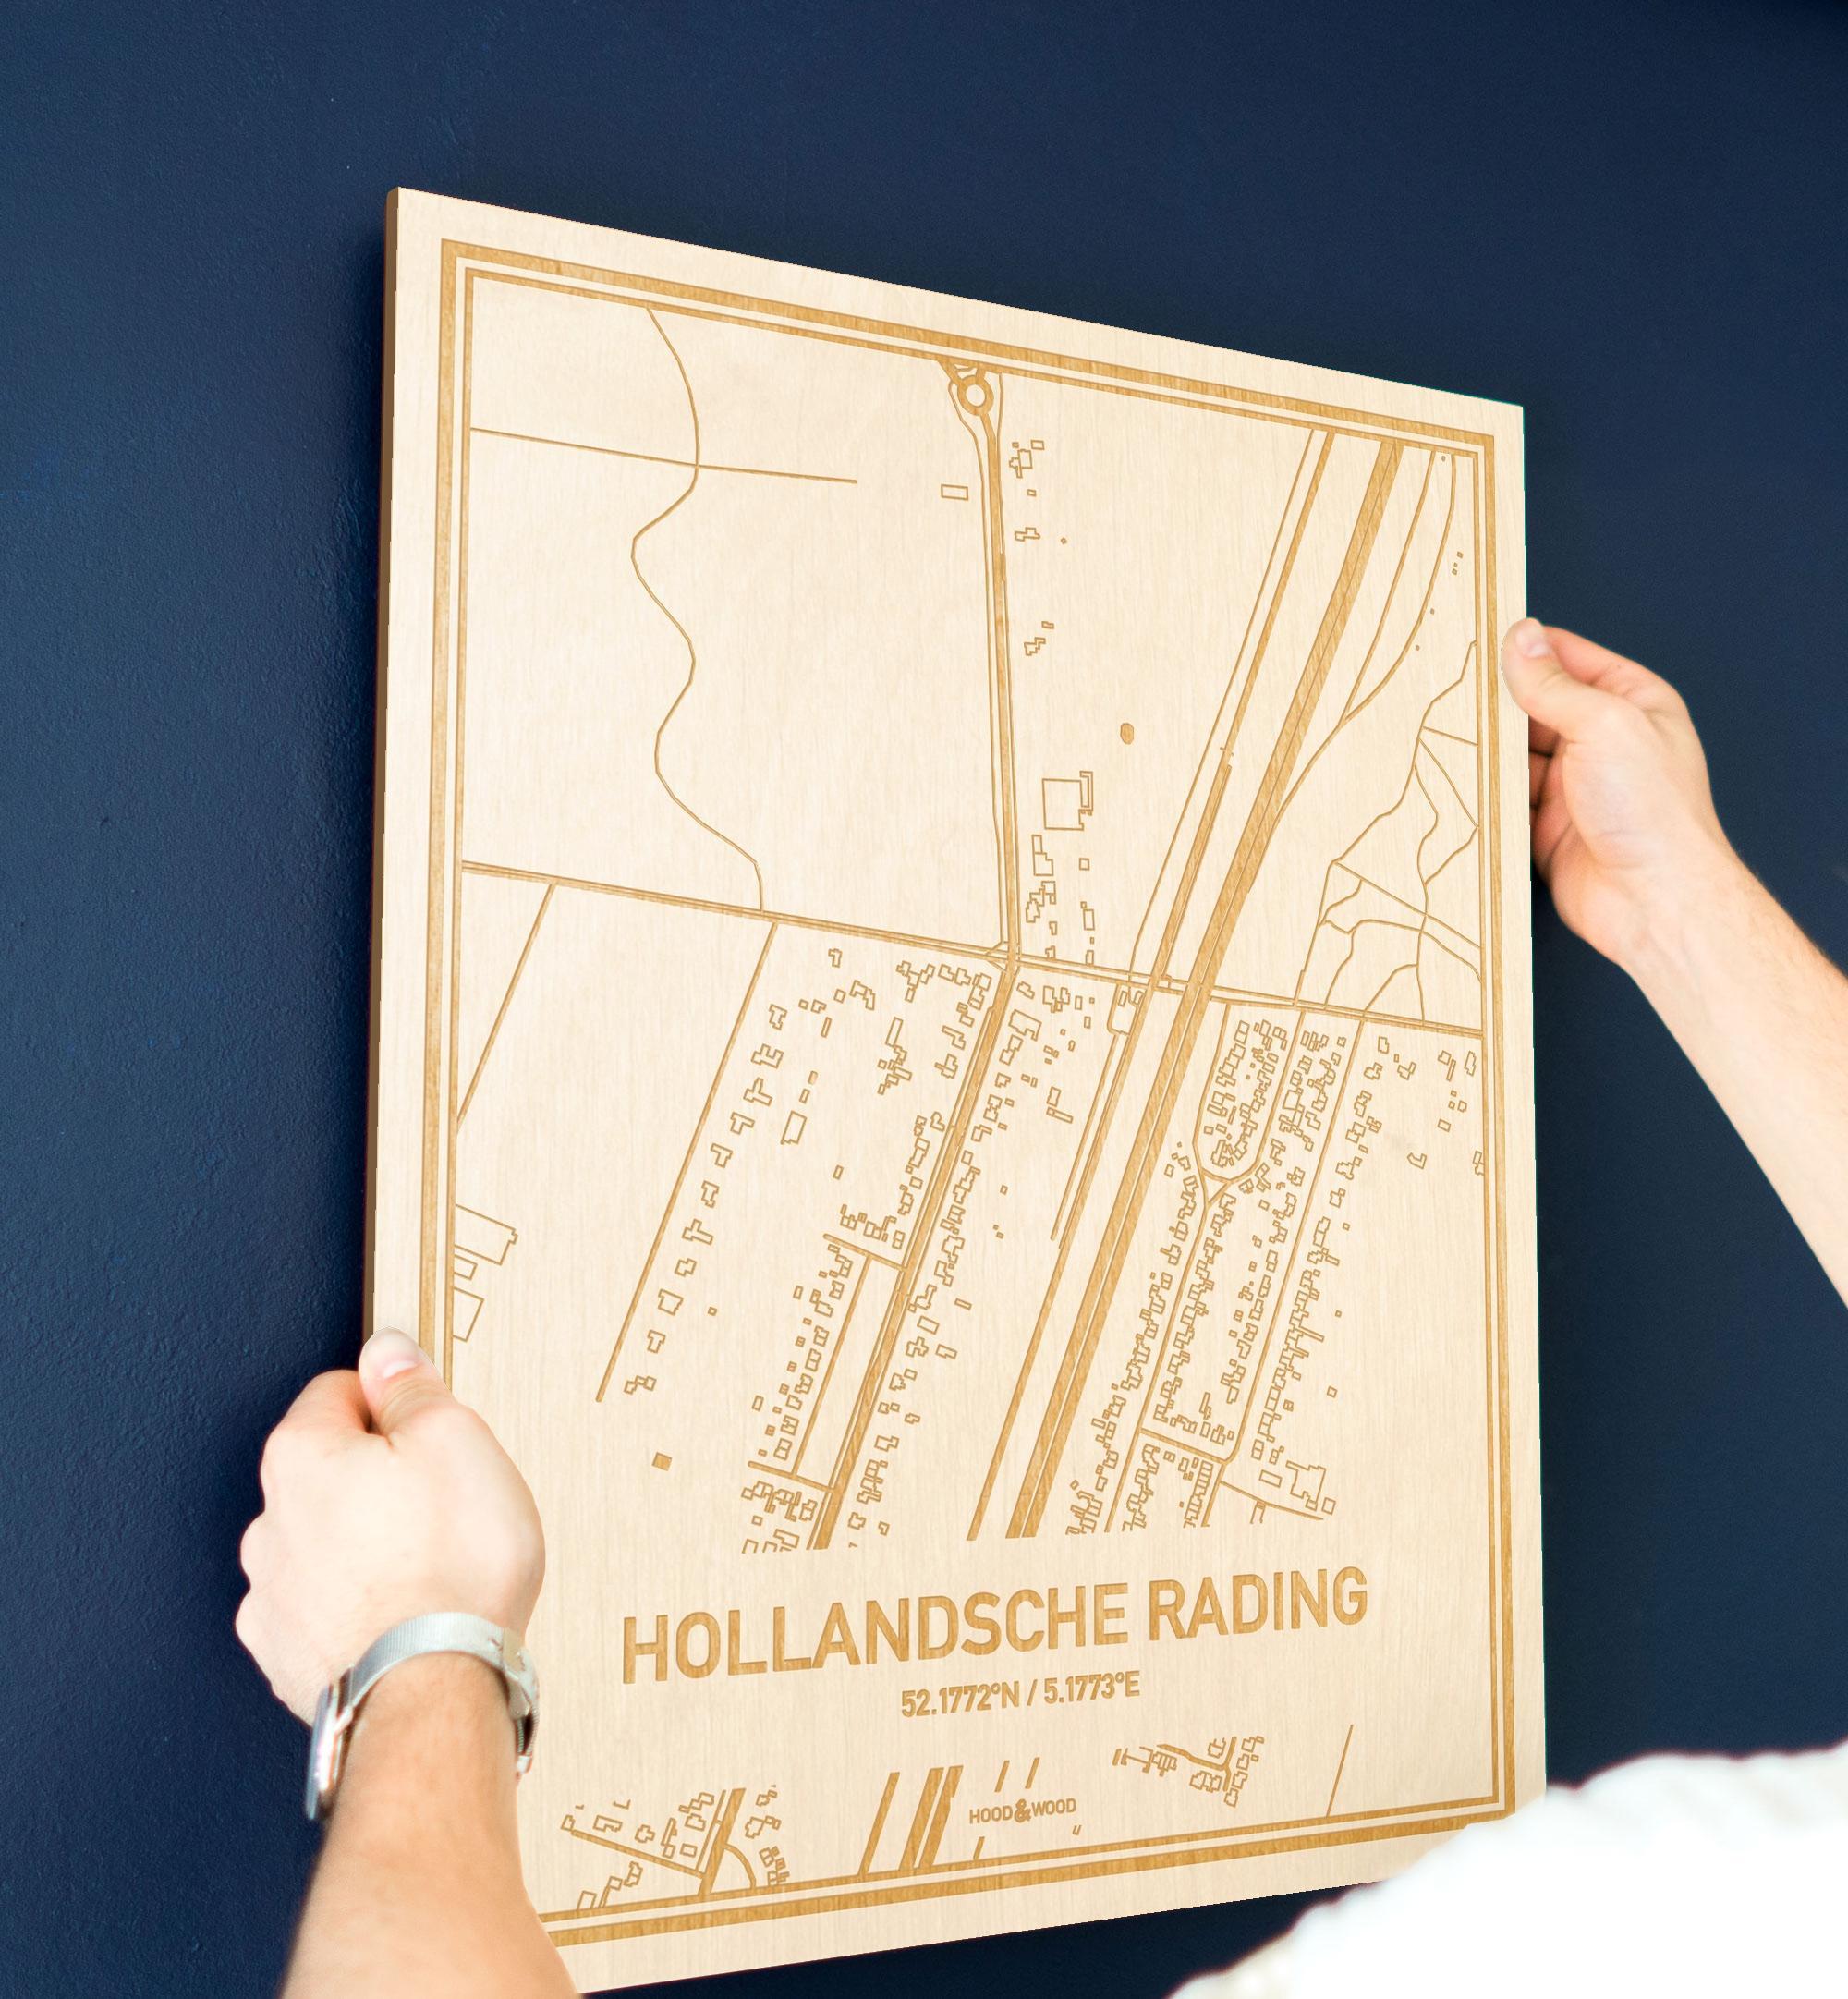 Een man hangt de houten plattegrond Hollandsche Rading aan zijn blauwe muur ter decoratie. Je ziet alleen zijn handen de kaart van deze originele in Utrecht vasthouden.